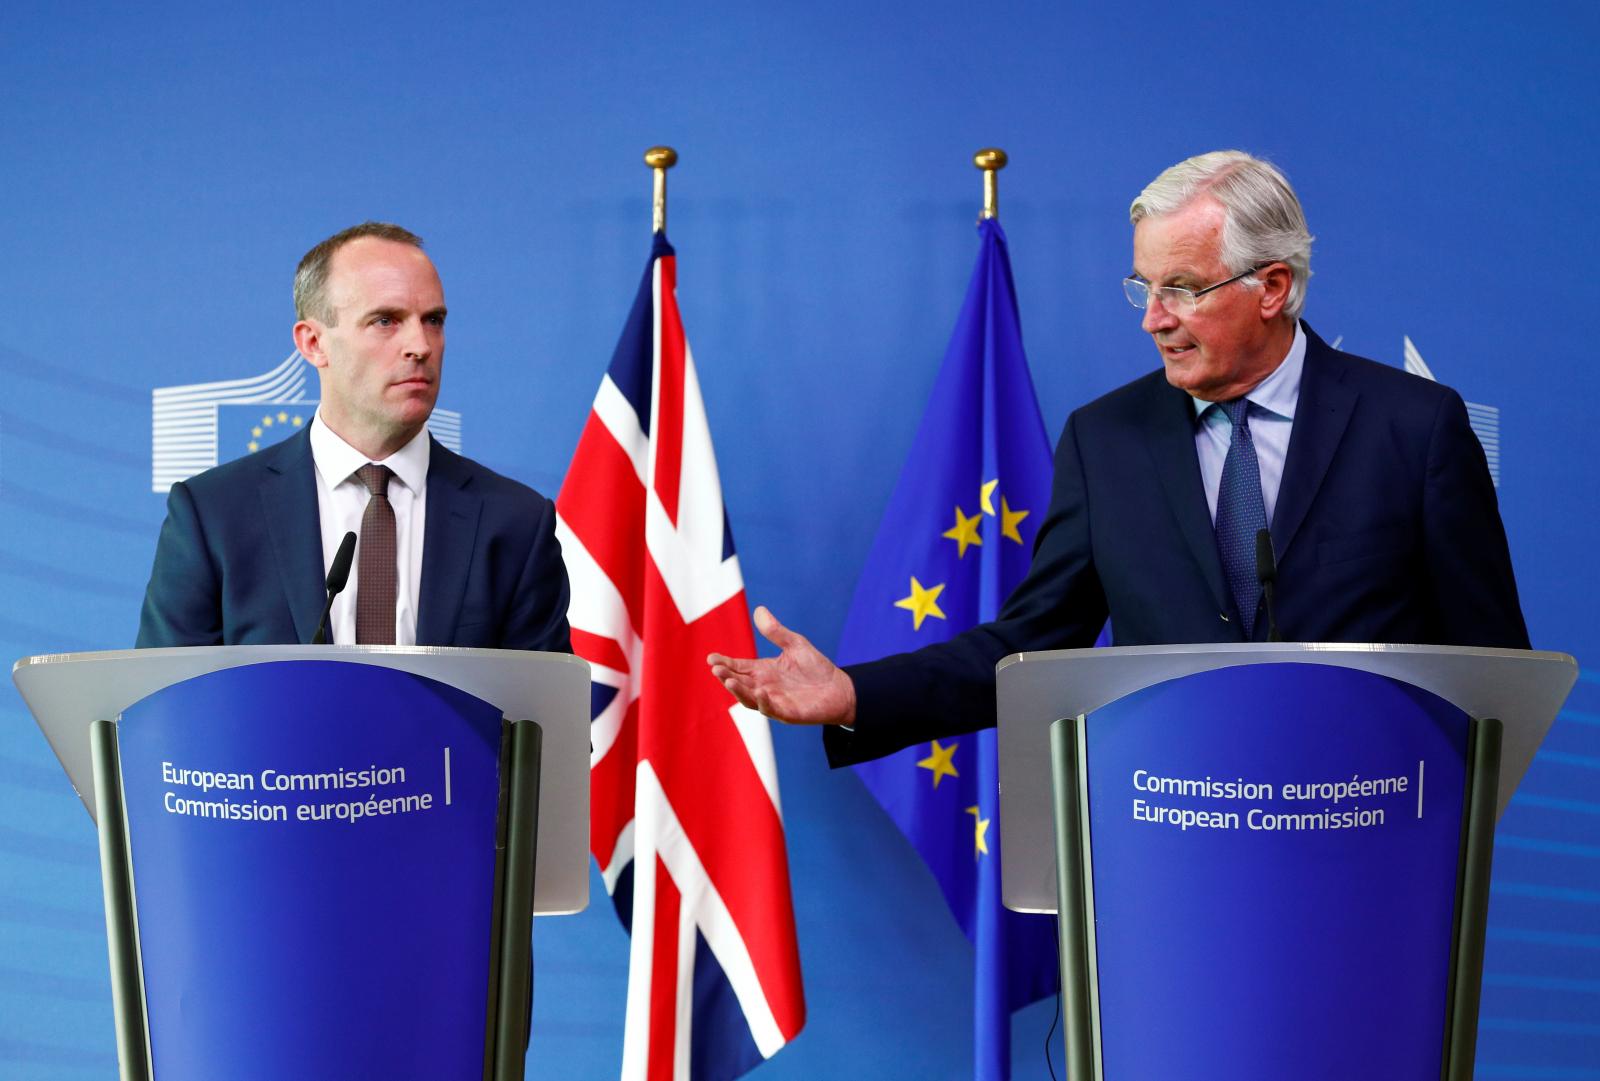 UK EU Brexit Negotiations